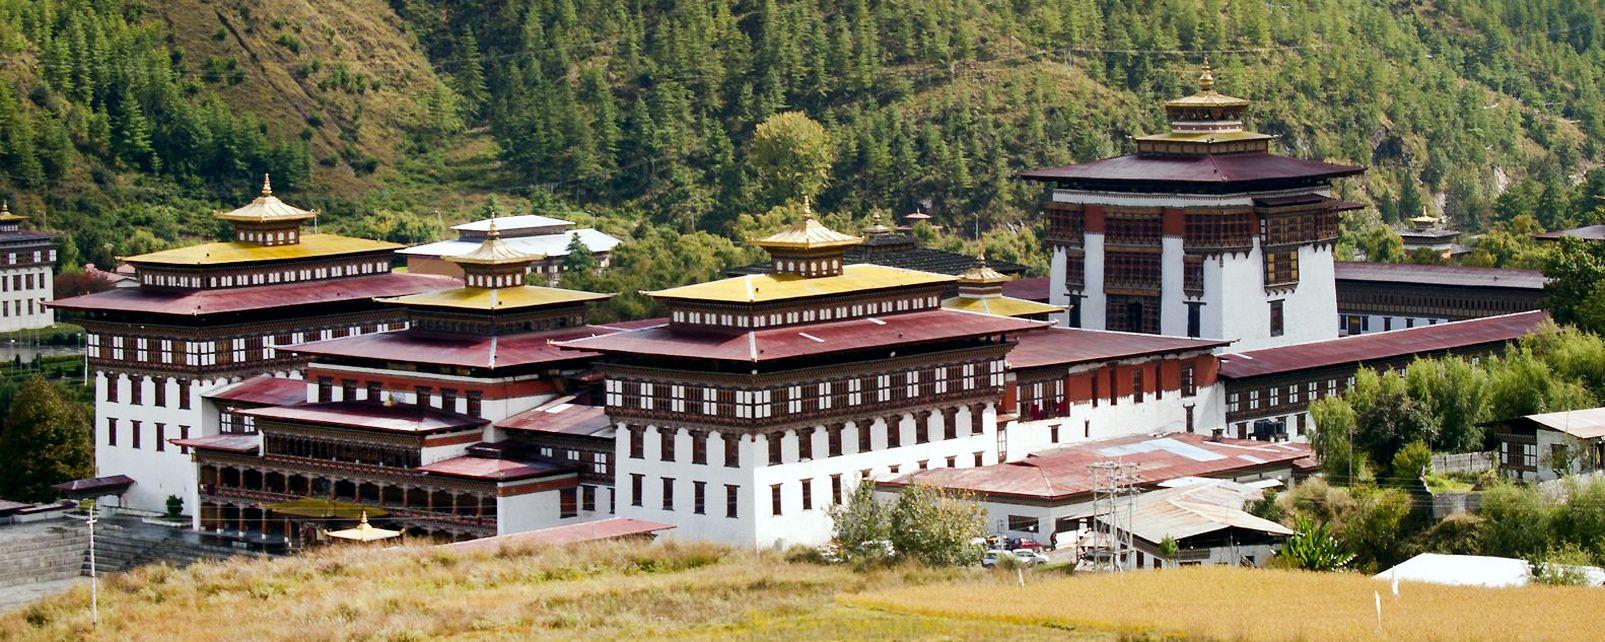 El dzong de Timbu, Bután, El dzong de Thimbu, Arquitectura religiosa, Bután